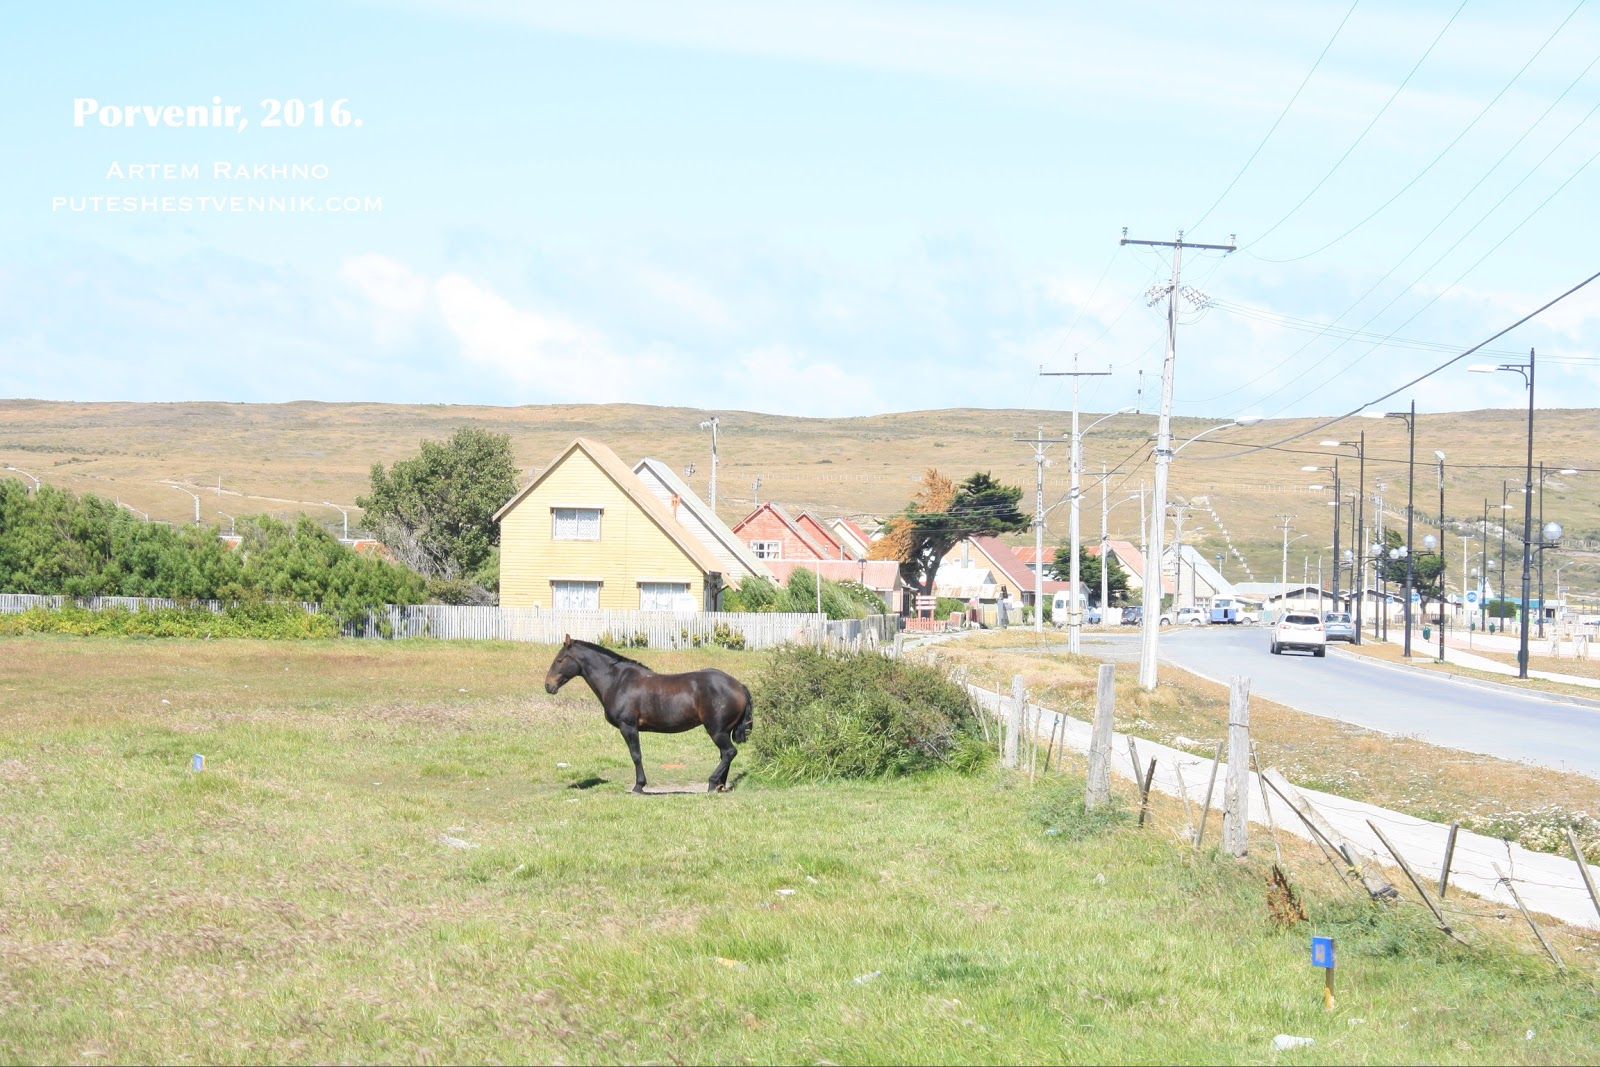 Лошадь на улице в Порвенире